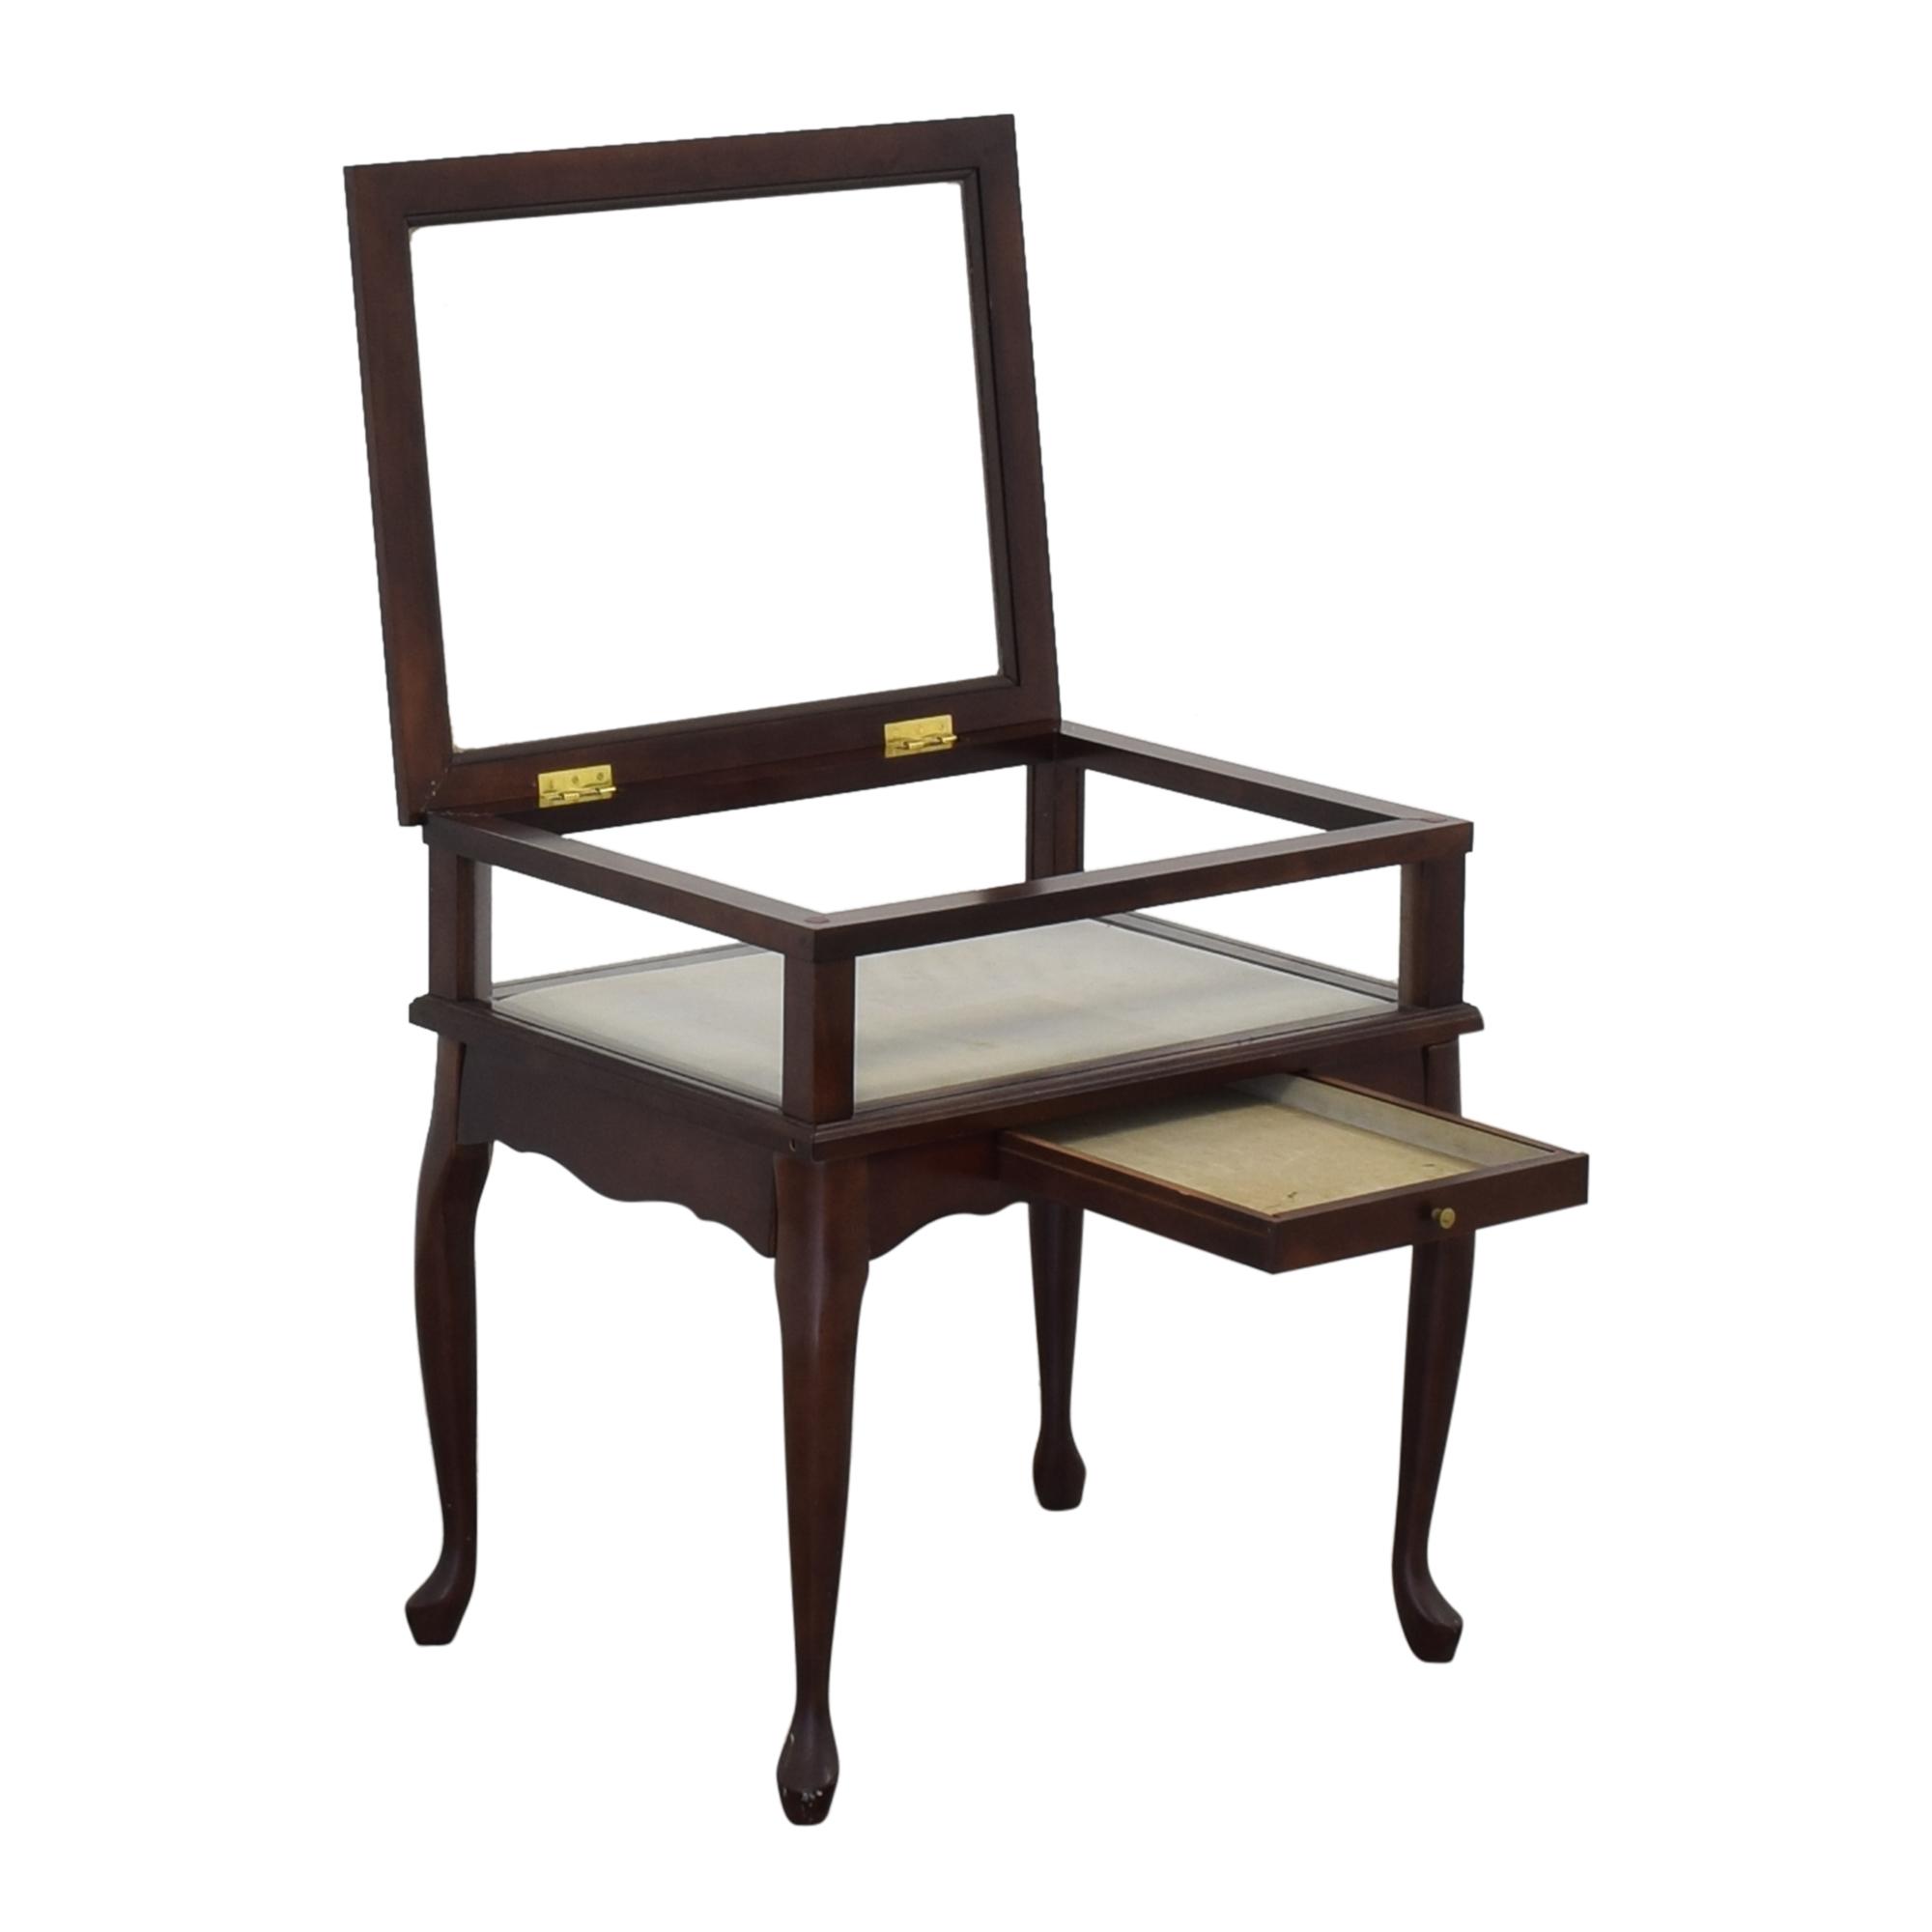 Bombay Company Bombay Company Display Table nyc